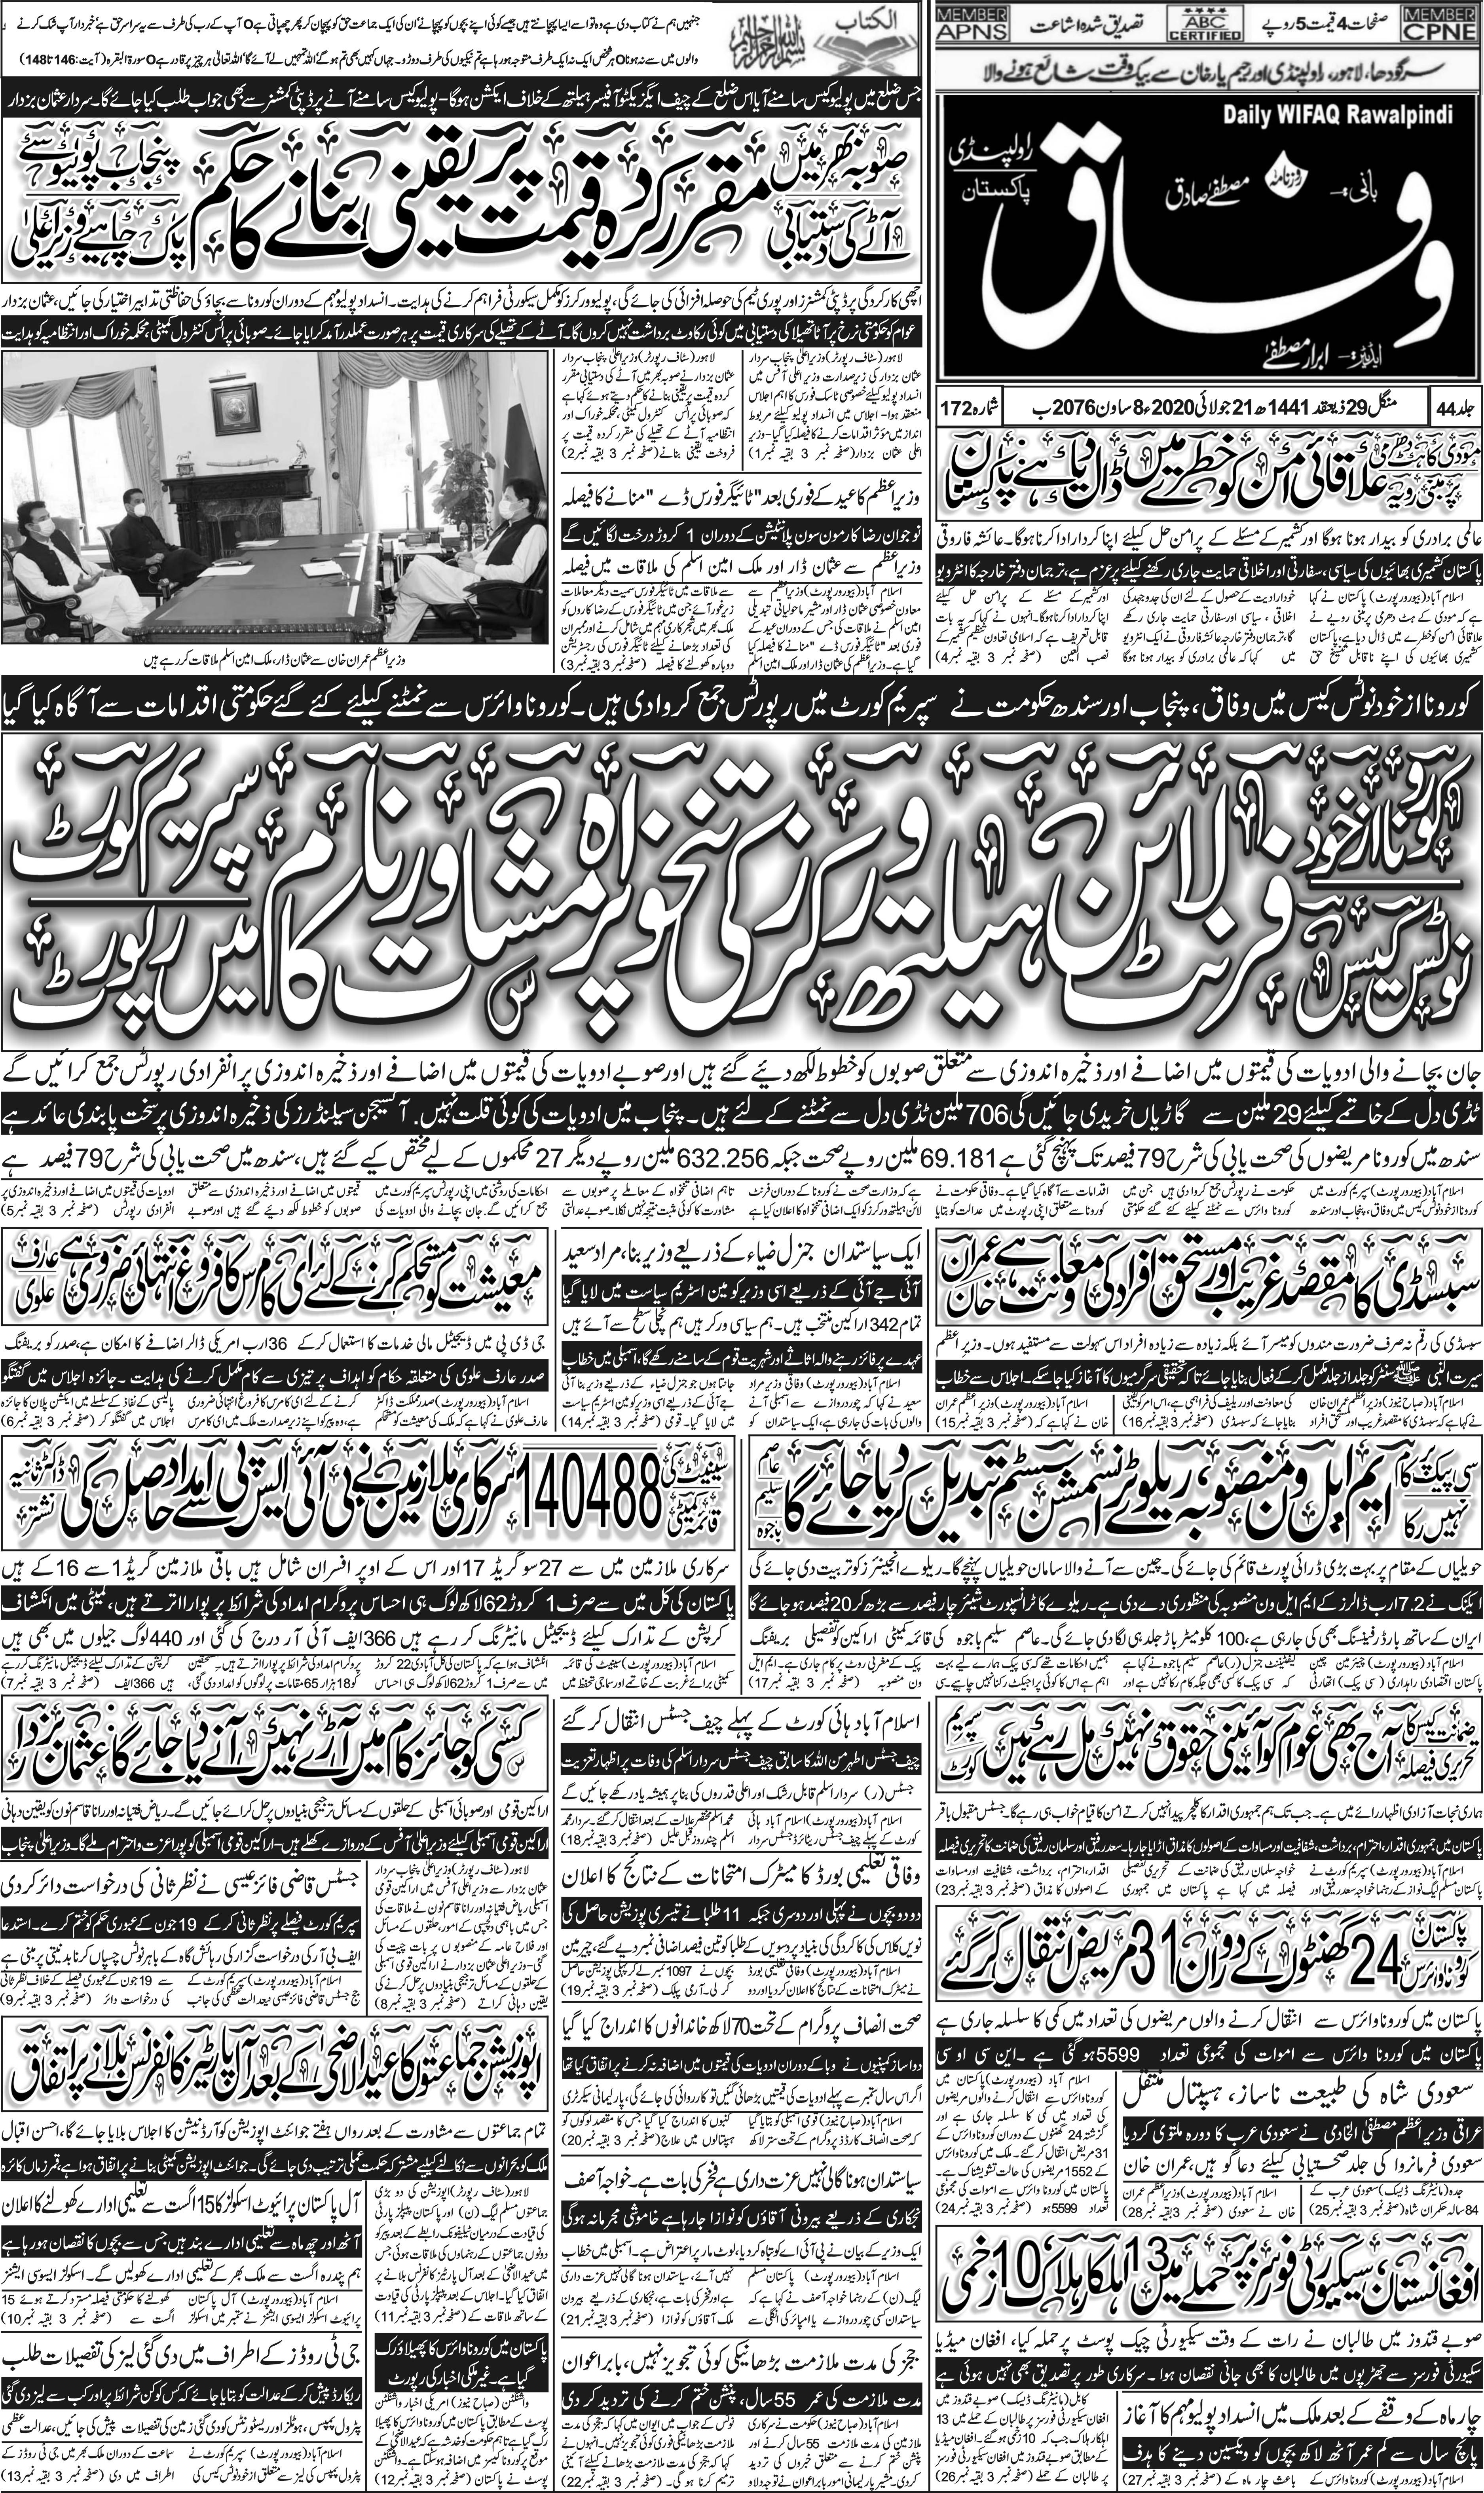 e-Paper – Daily Wifaq – Rawalpindi – 21-07-2020